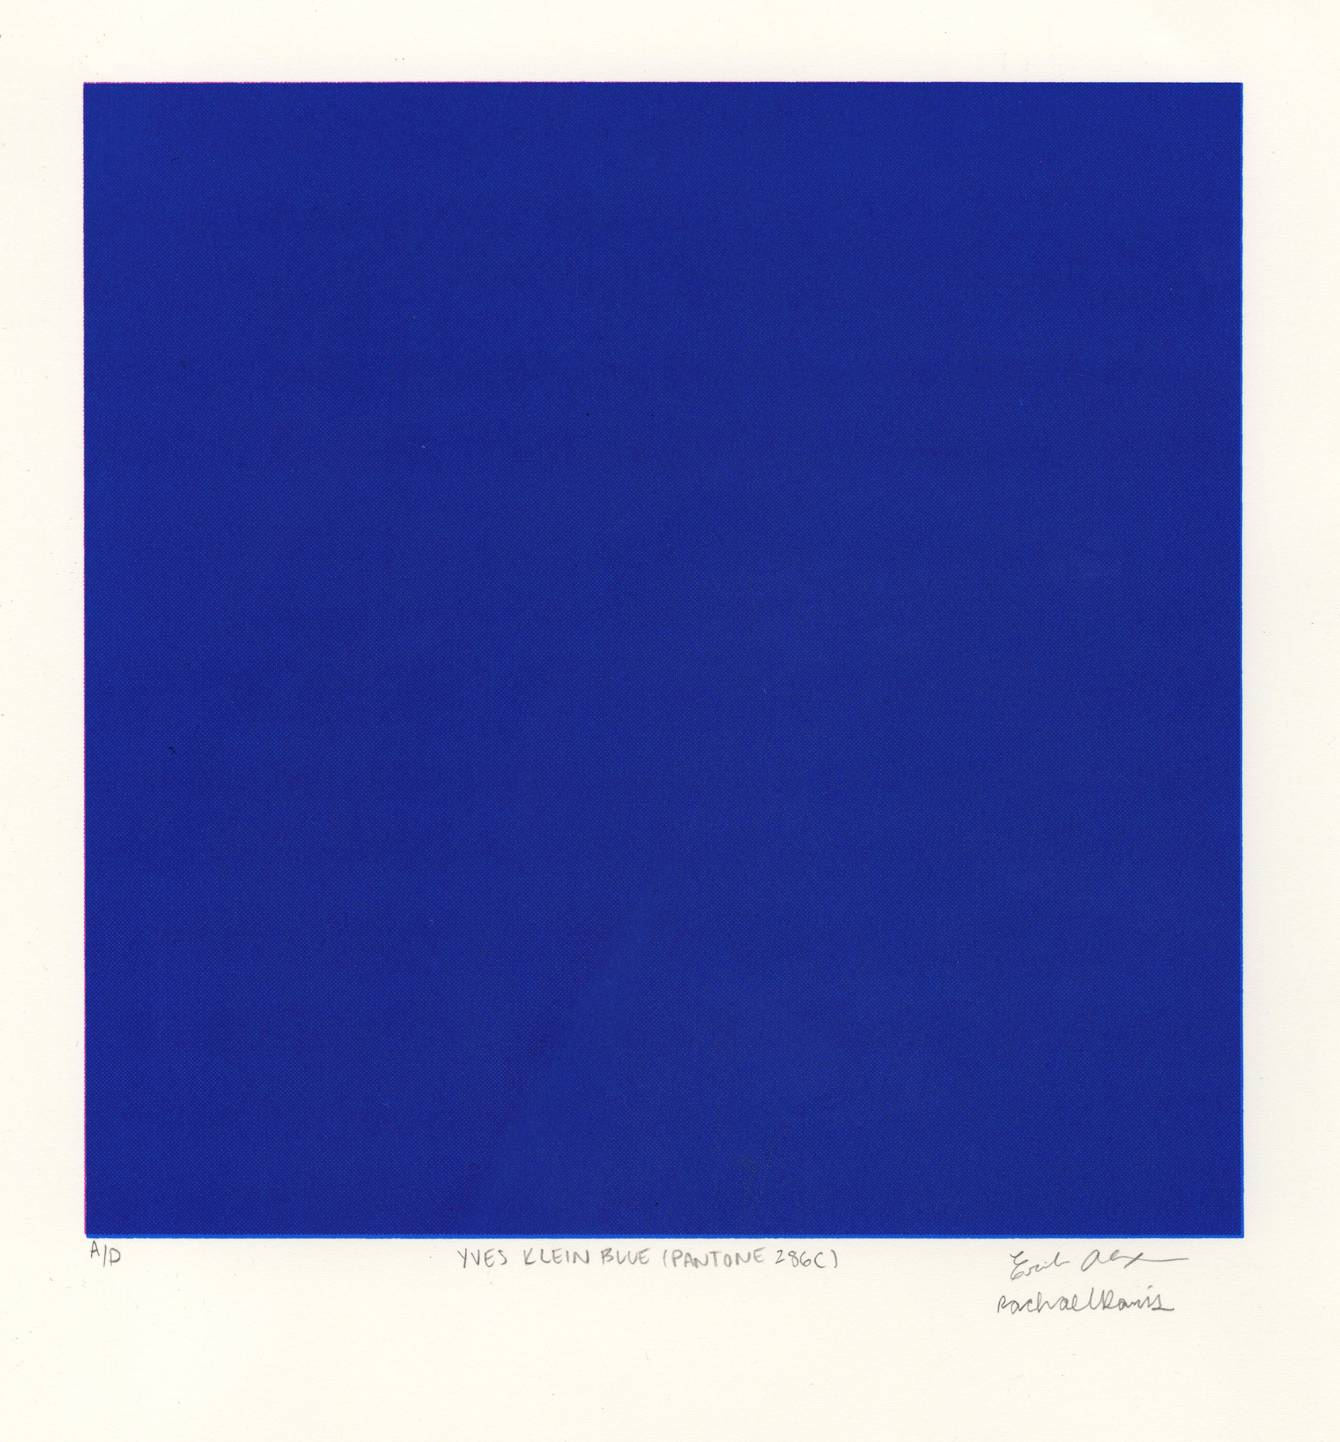 Yves Klein Blue Pantone 286c Erika Blair